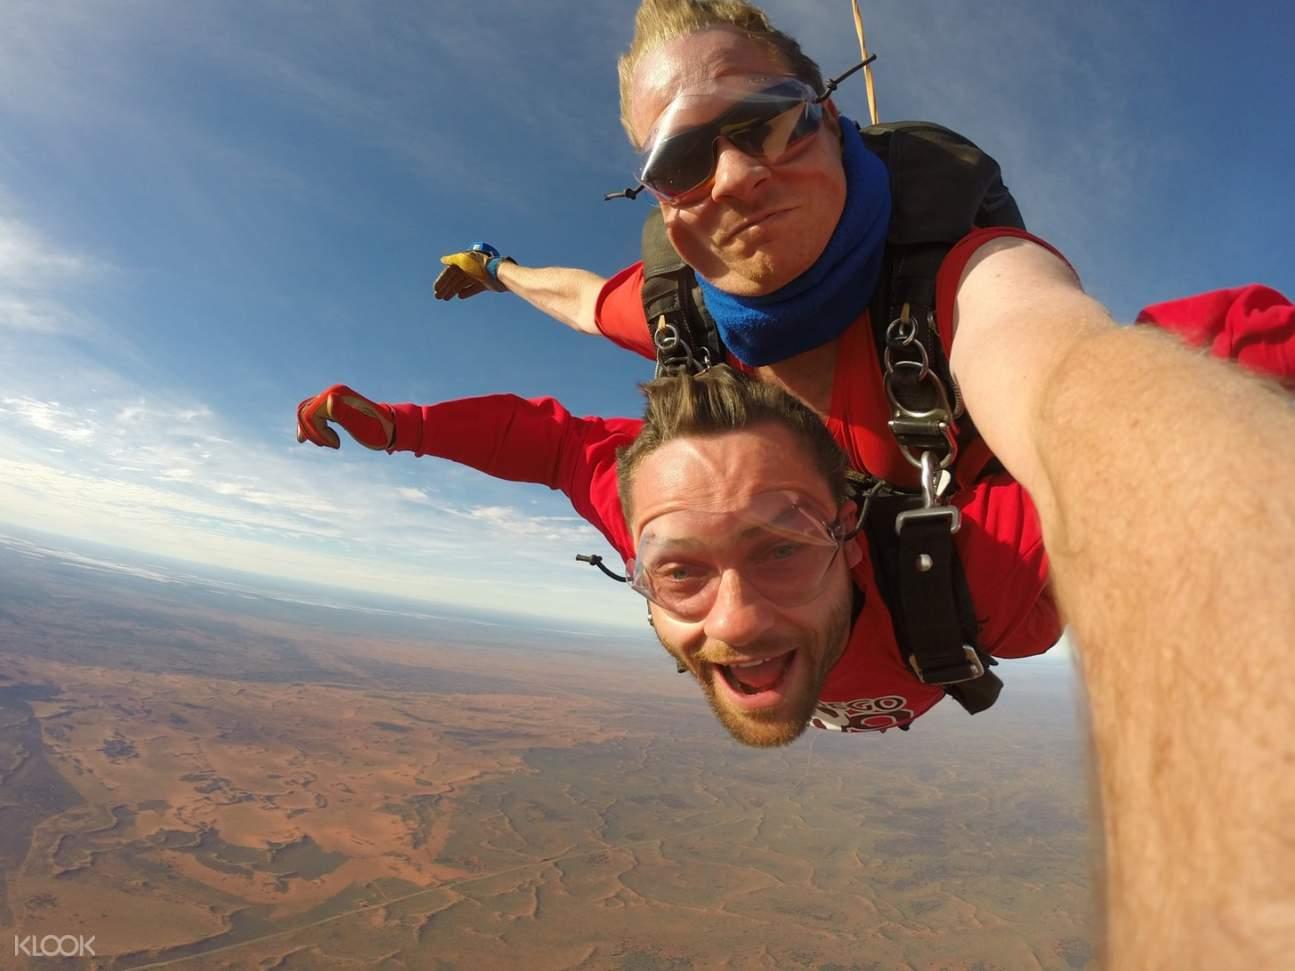 tandem skydiving selfie